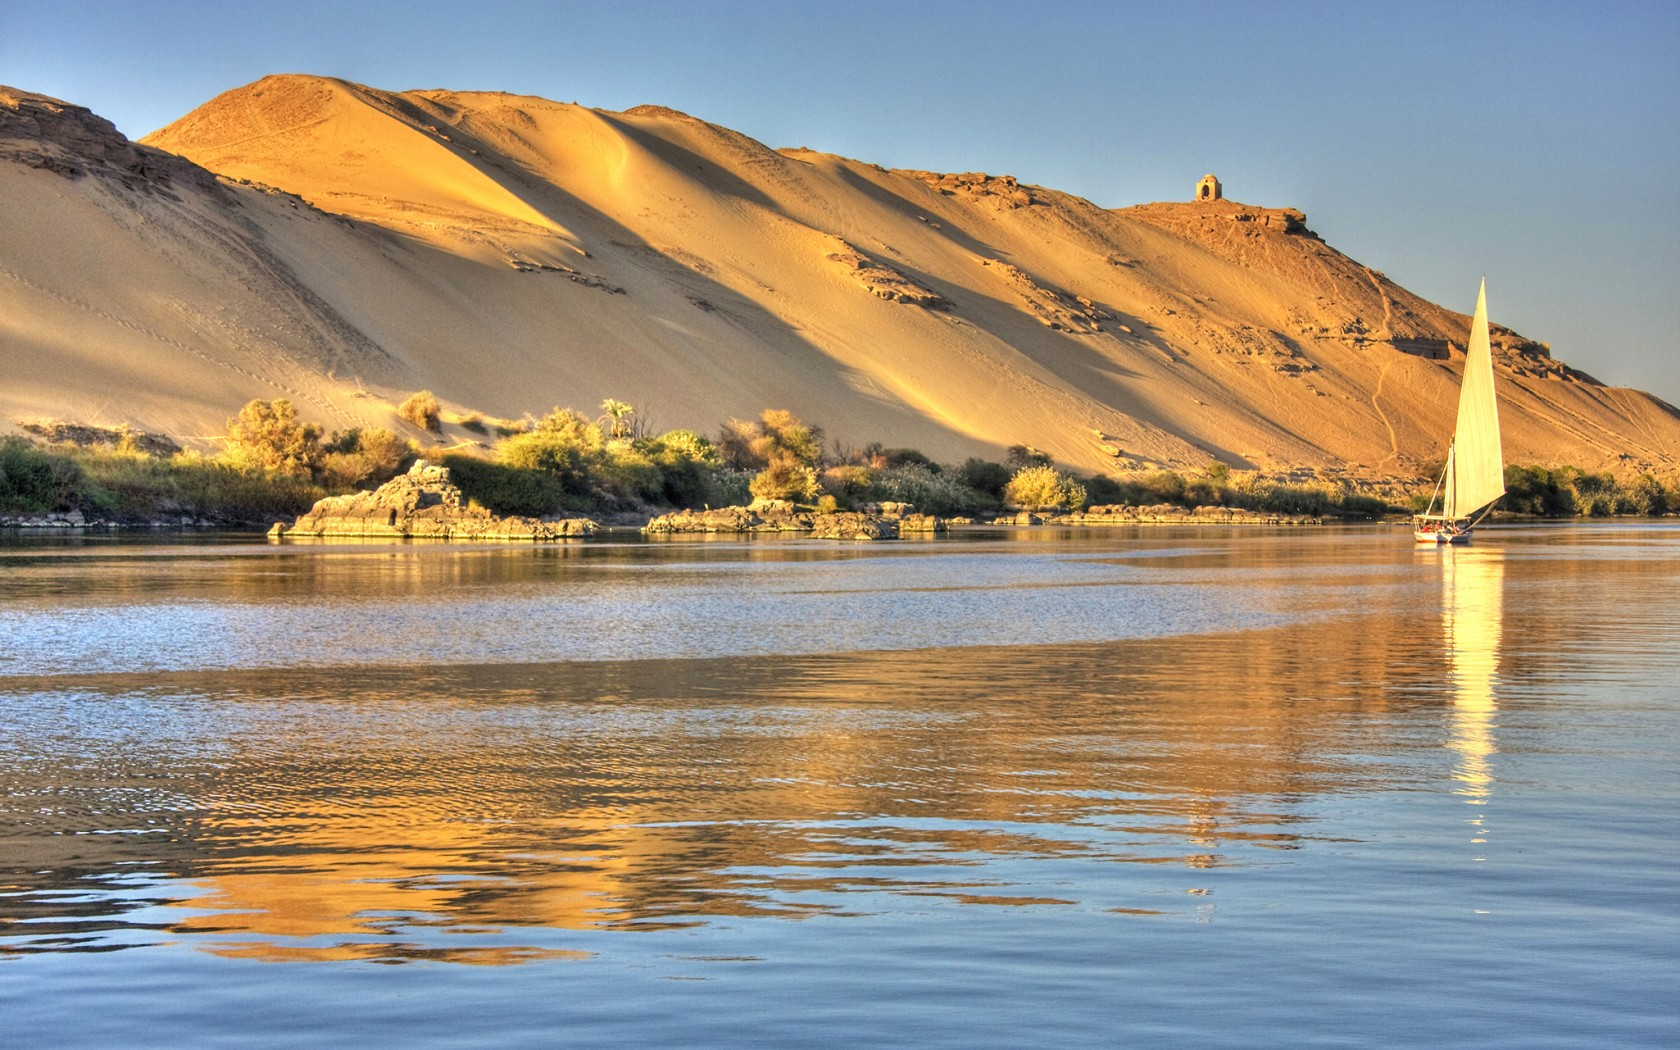 بالصور تعبير عن نهر النيل , كلمات عن العطاء دون مقابل وهو نهر النيل 257 2